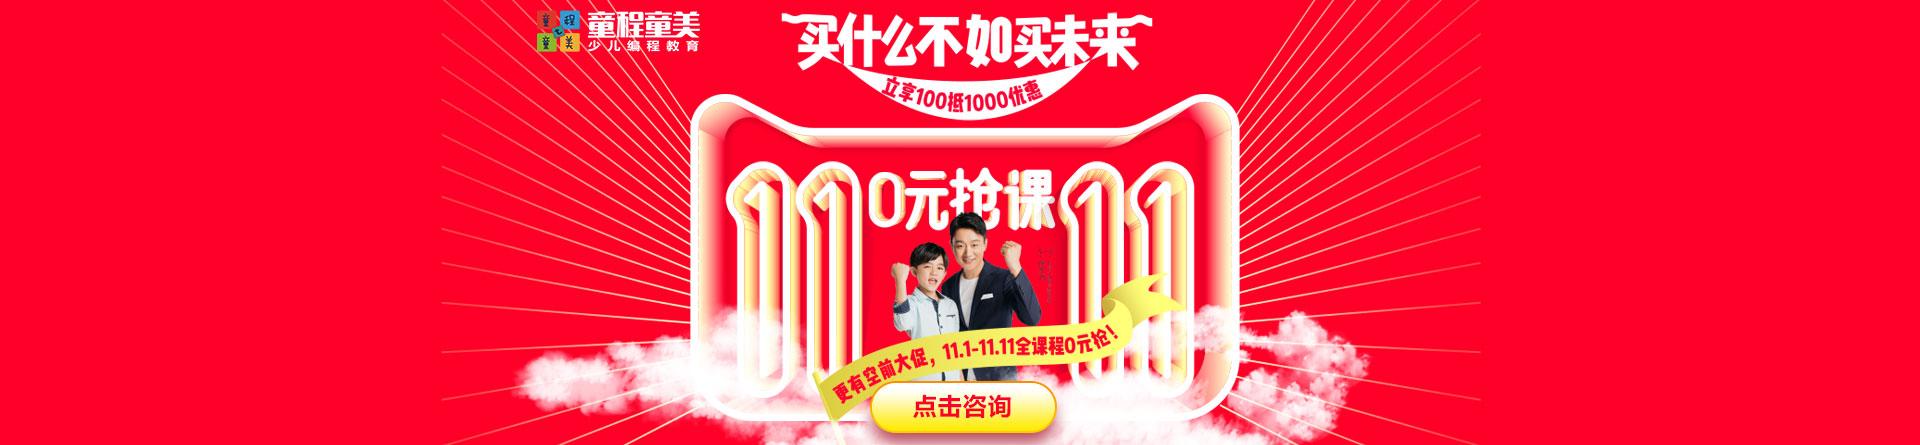 上海童程童美双十一狂欢节